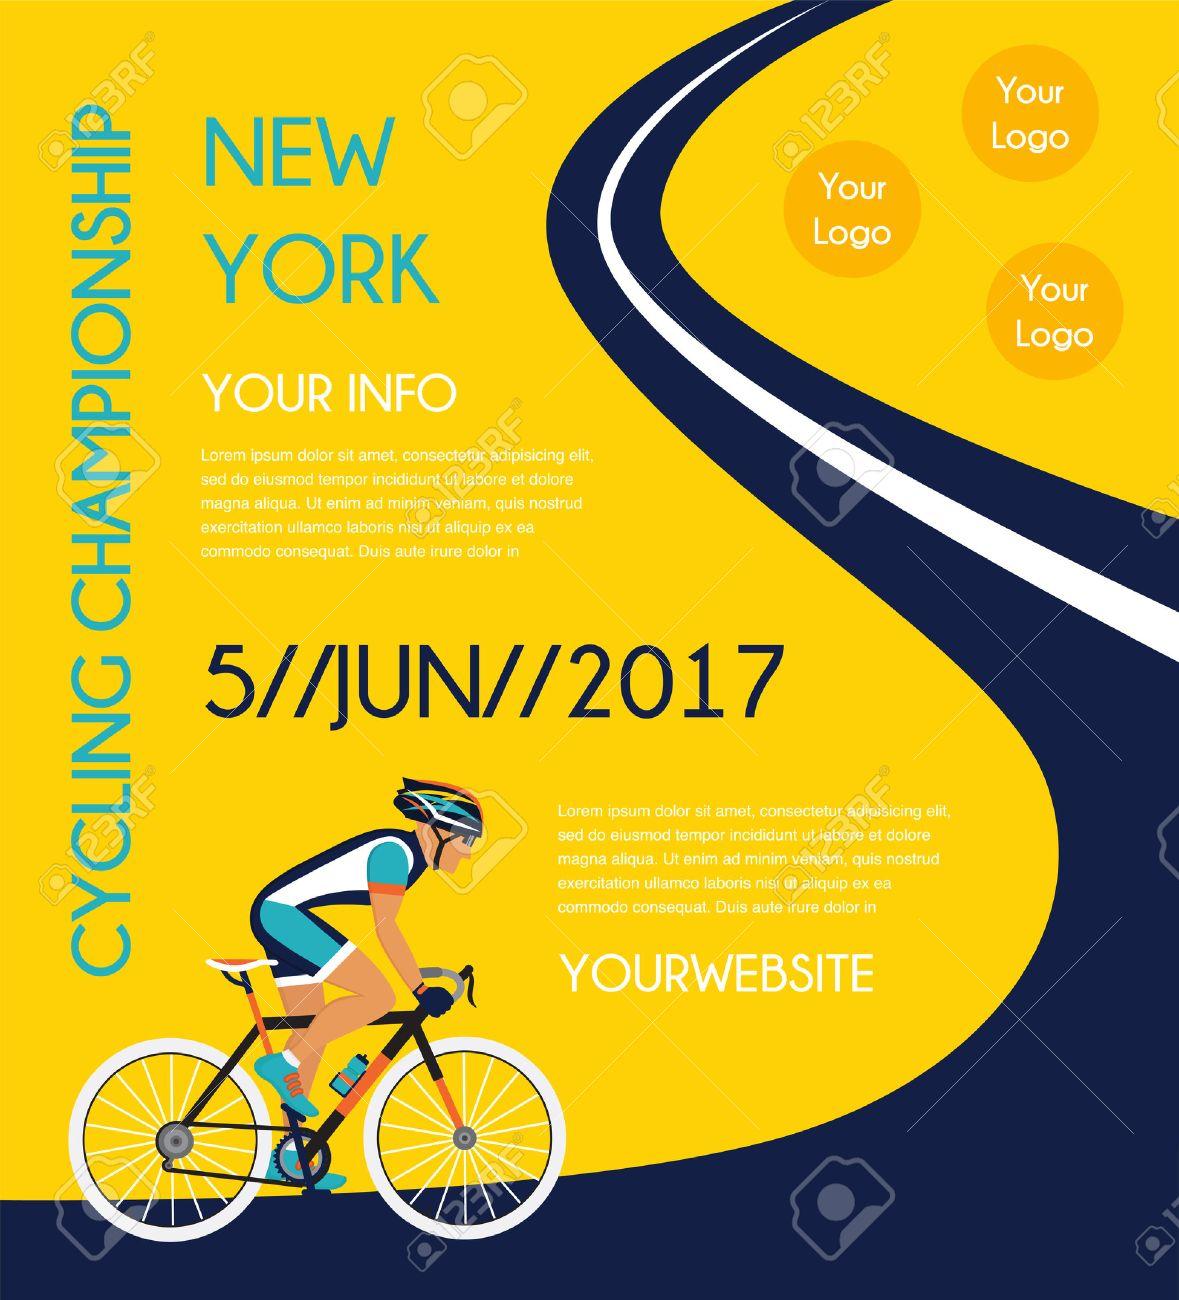 c3219ad30a Ciclismo de carretera cartel de la competencia. colorida ilustración  vectorial Foto de archivo - 56597977